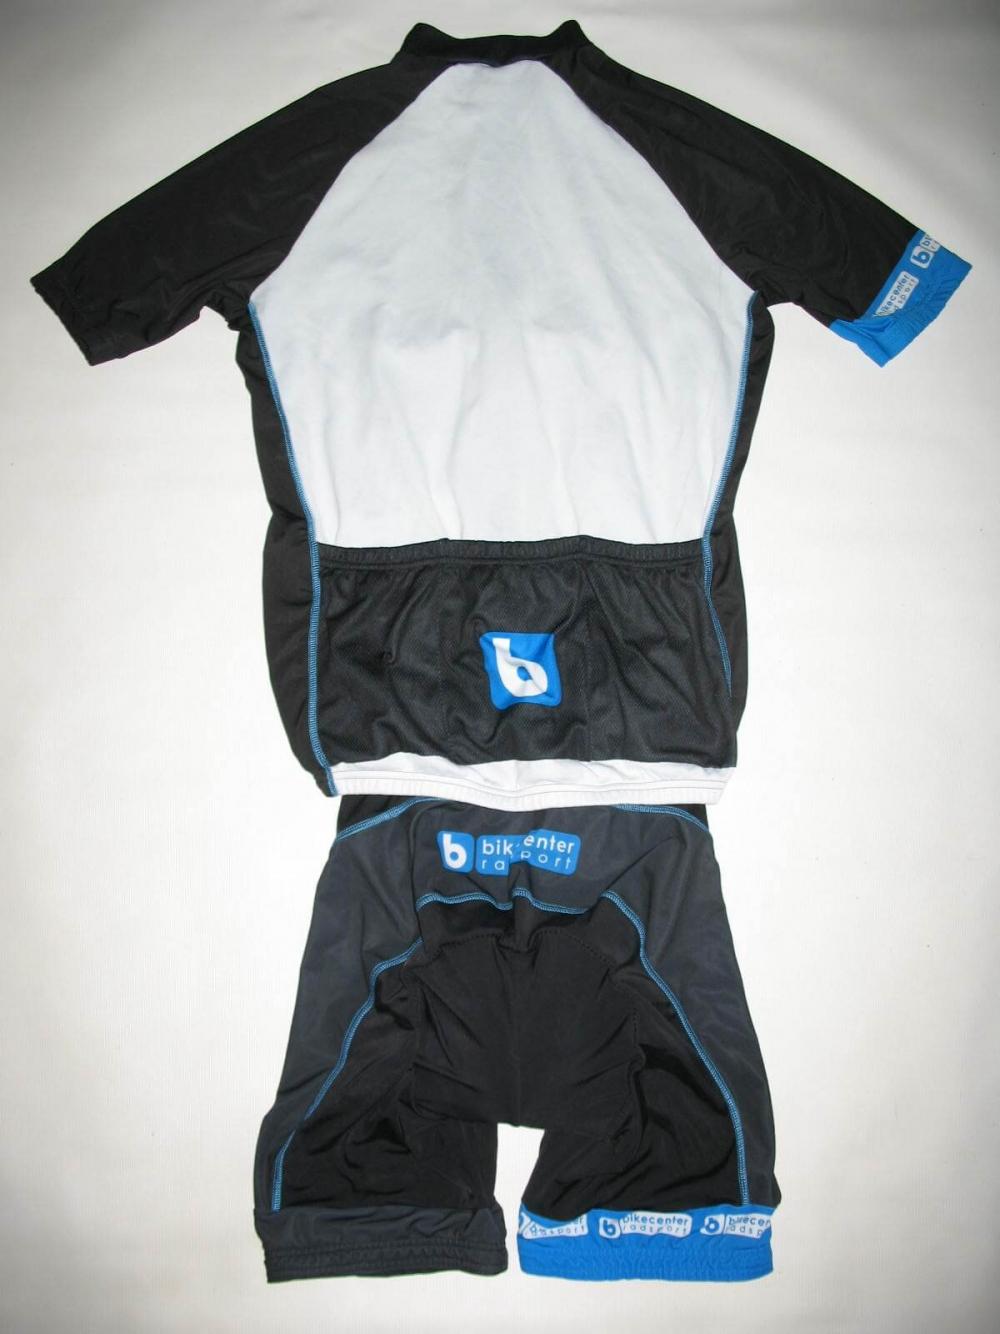 Веломайка+шорты NONAME -b- jersey+bib shorts (размер 4/M) - 1